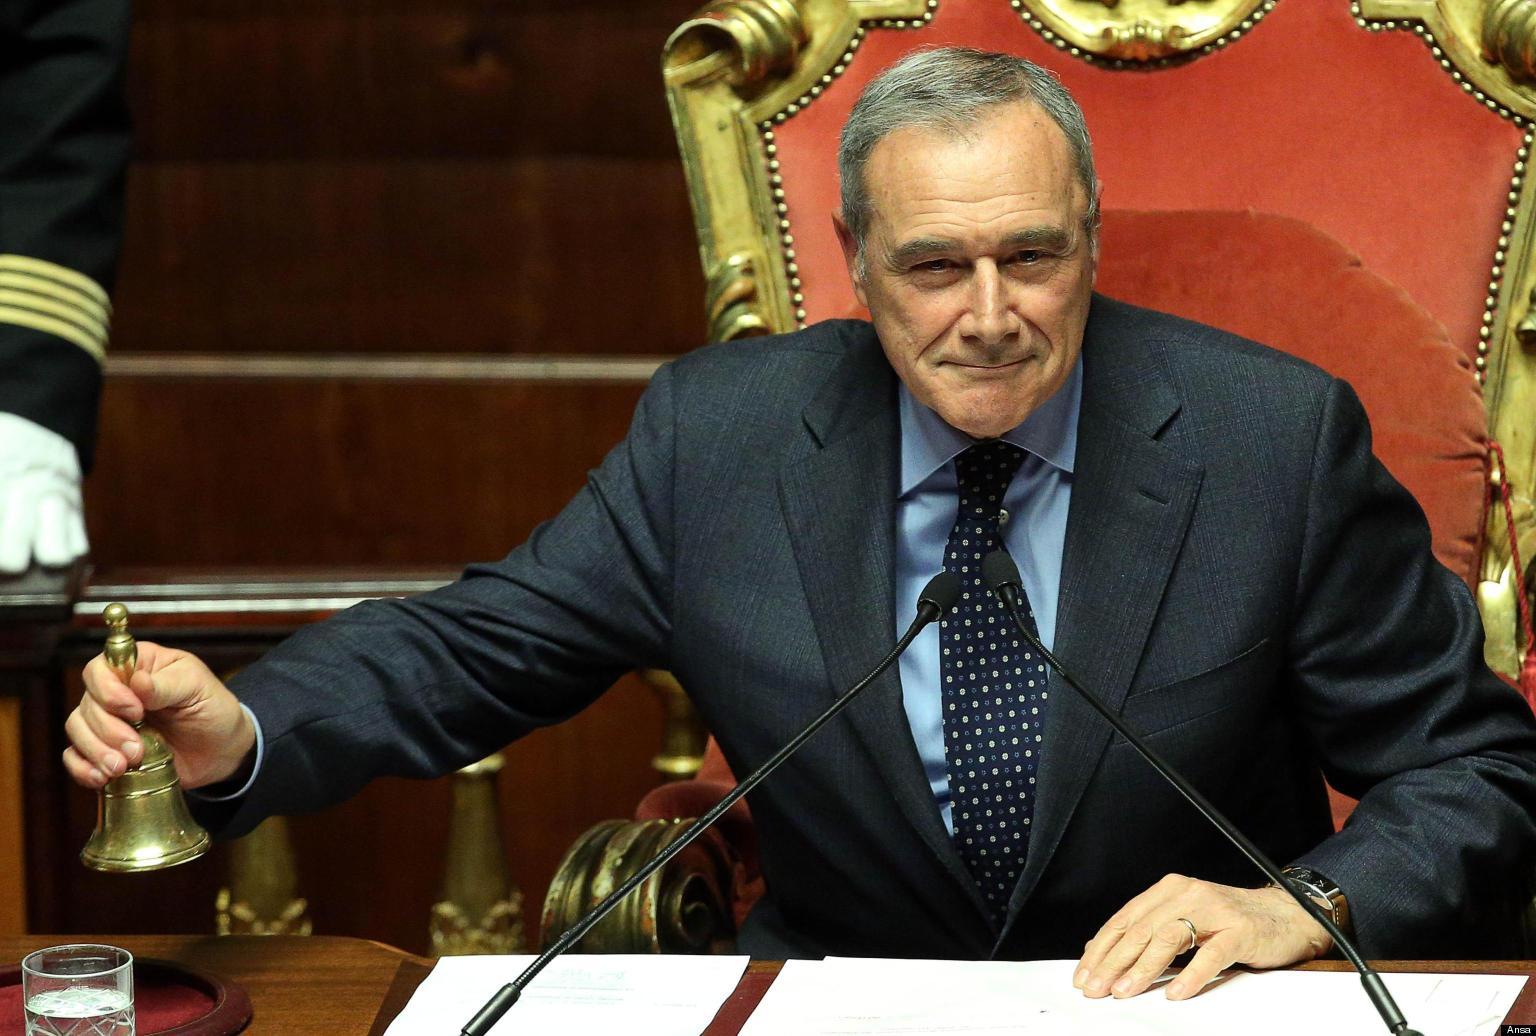 La panzana dei vaccini e l 39 autismo non pu avere il for Elenco senatori italiani